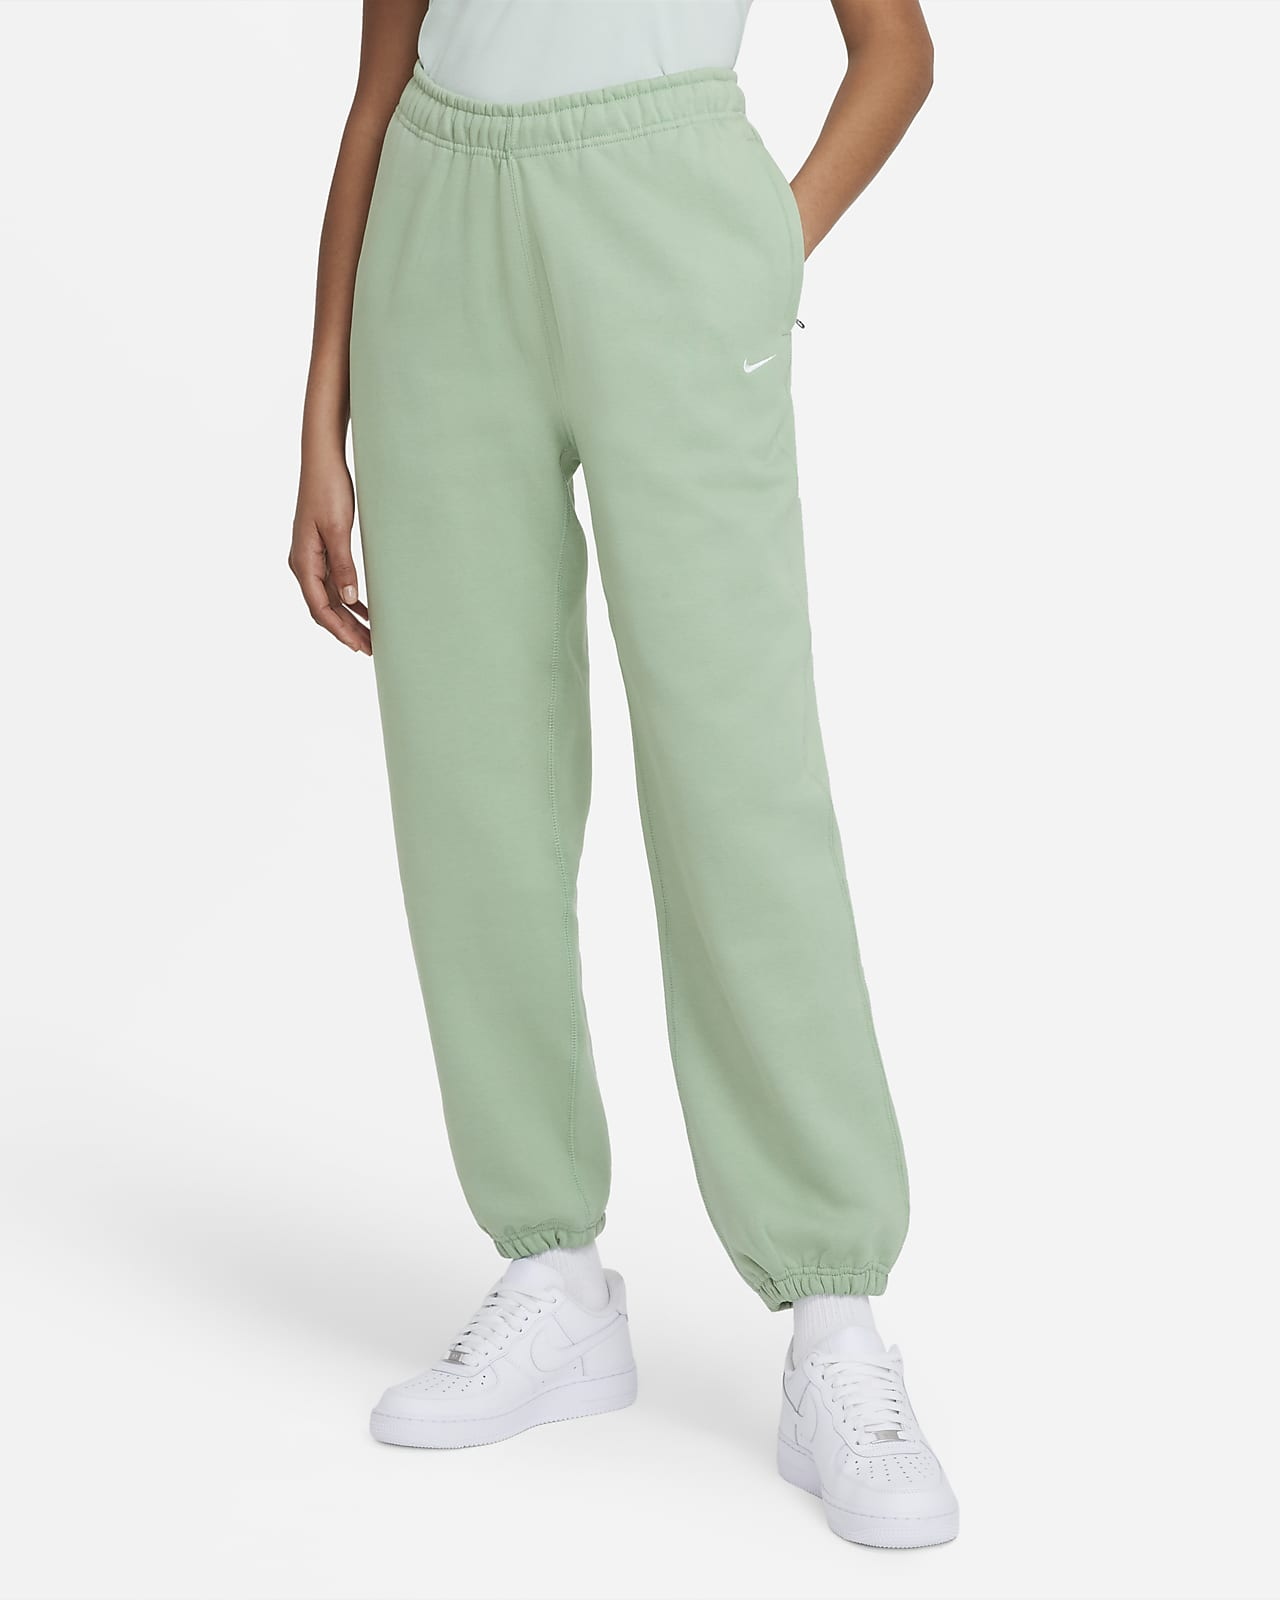 NikeLab Women's Fleece Trousers